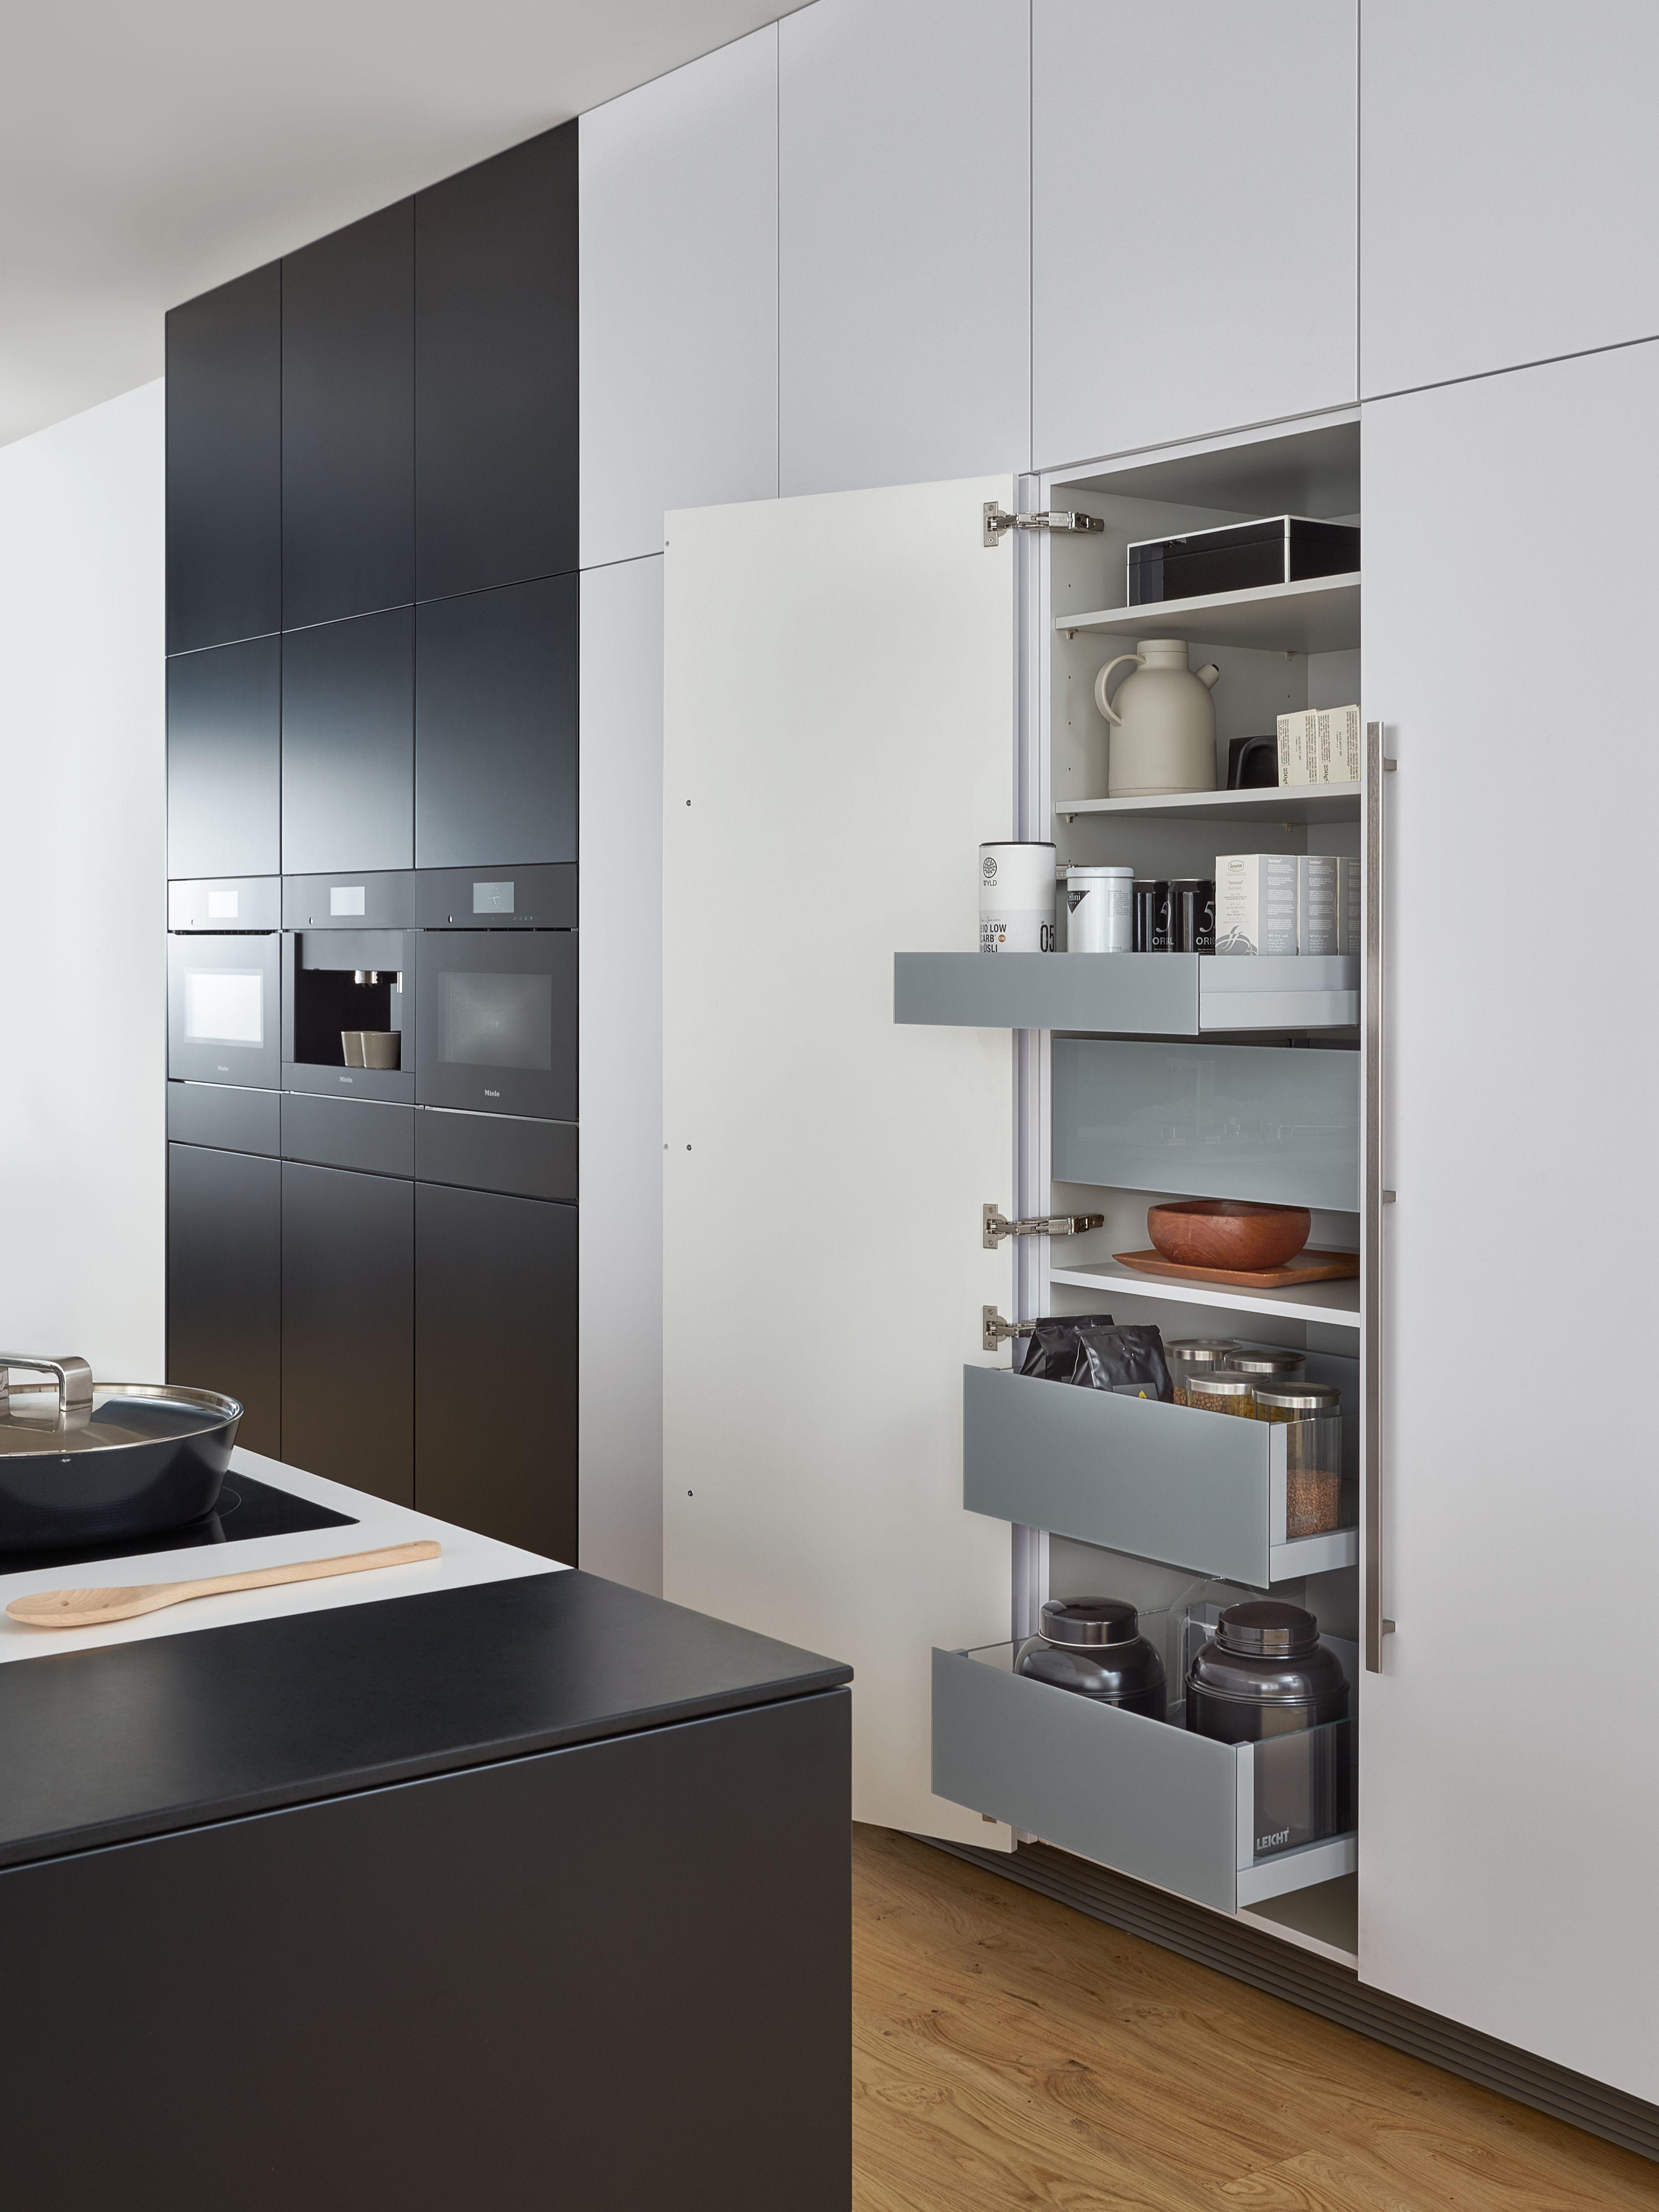 warum bei küchenschränken auf die qualität geachtet werden sollte ... - Küchenschrank Mit Schubladen